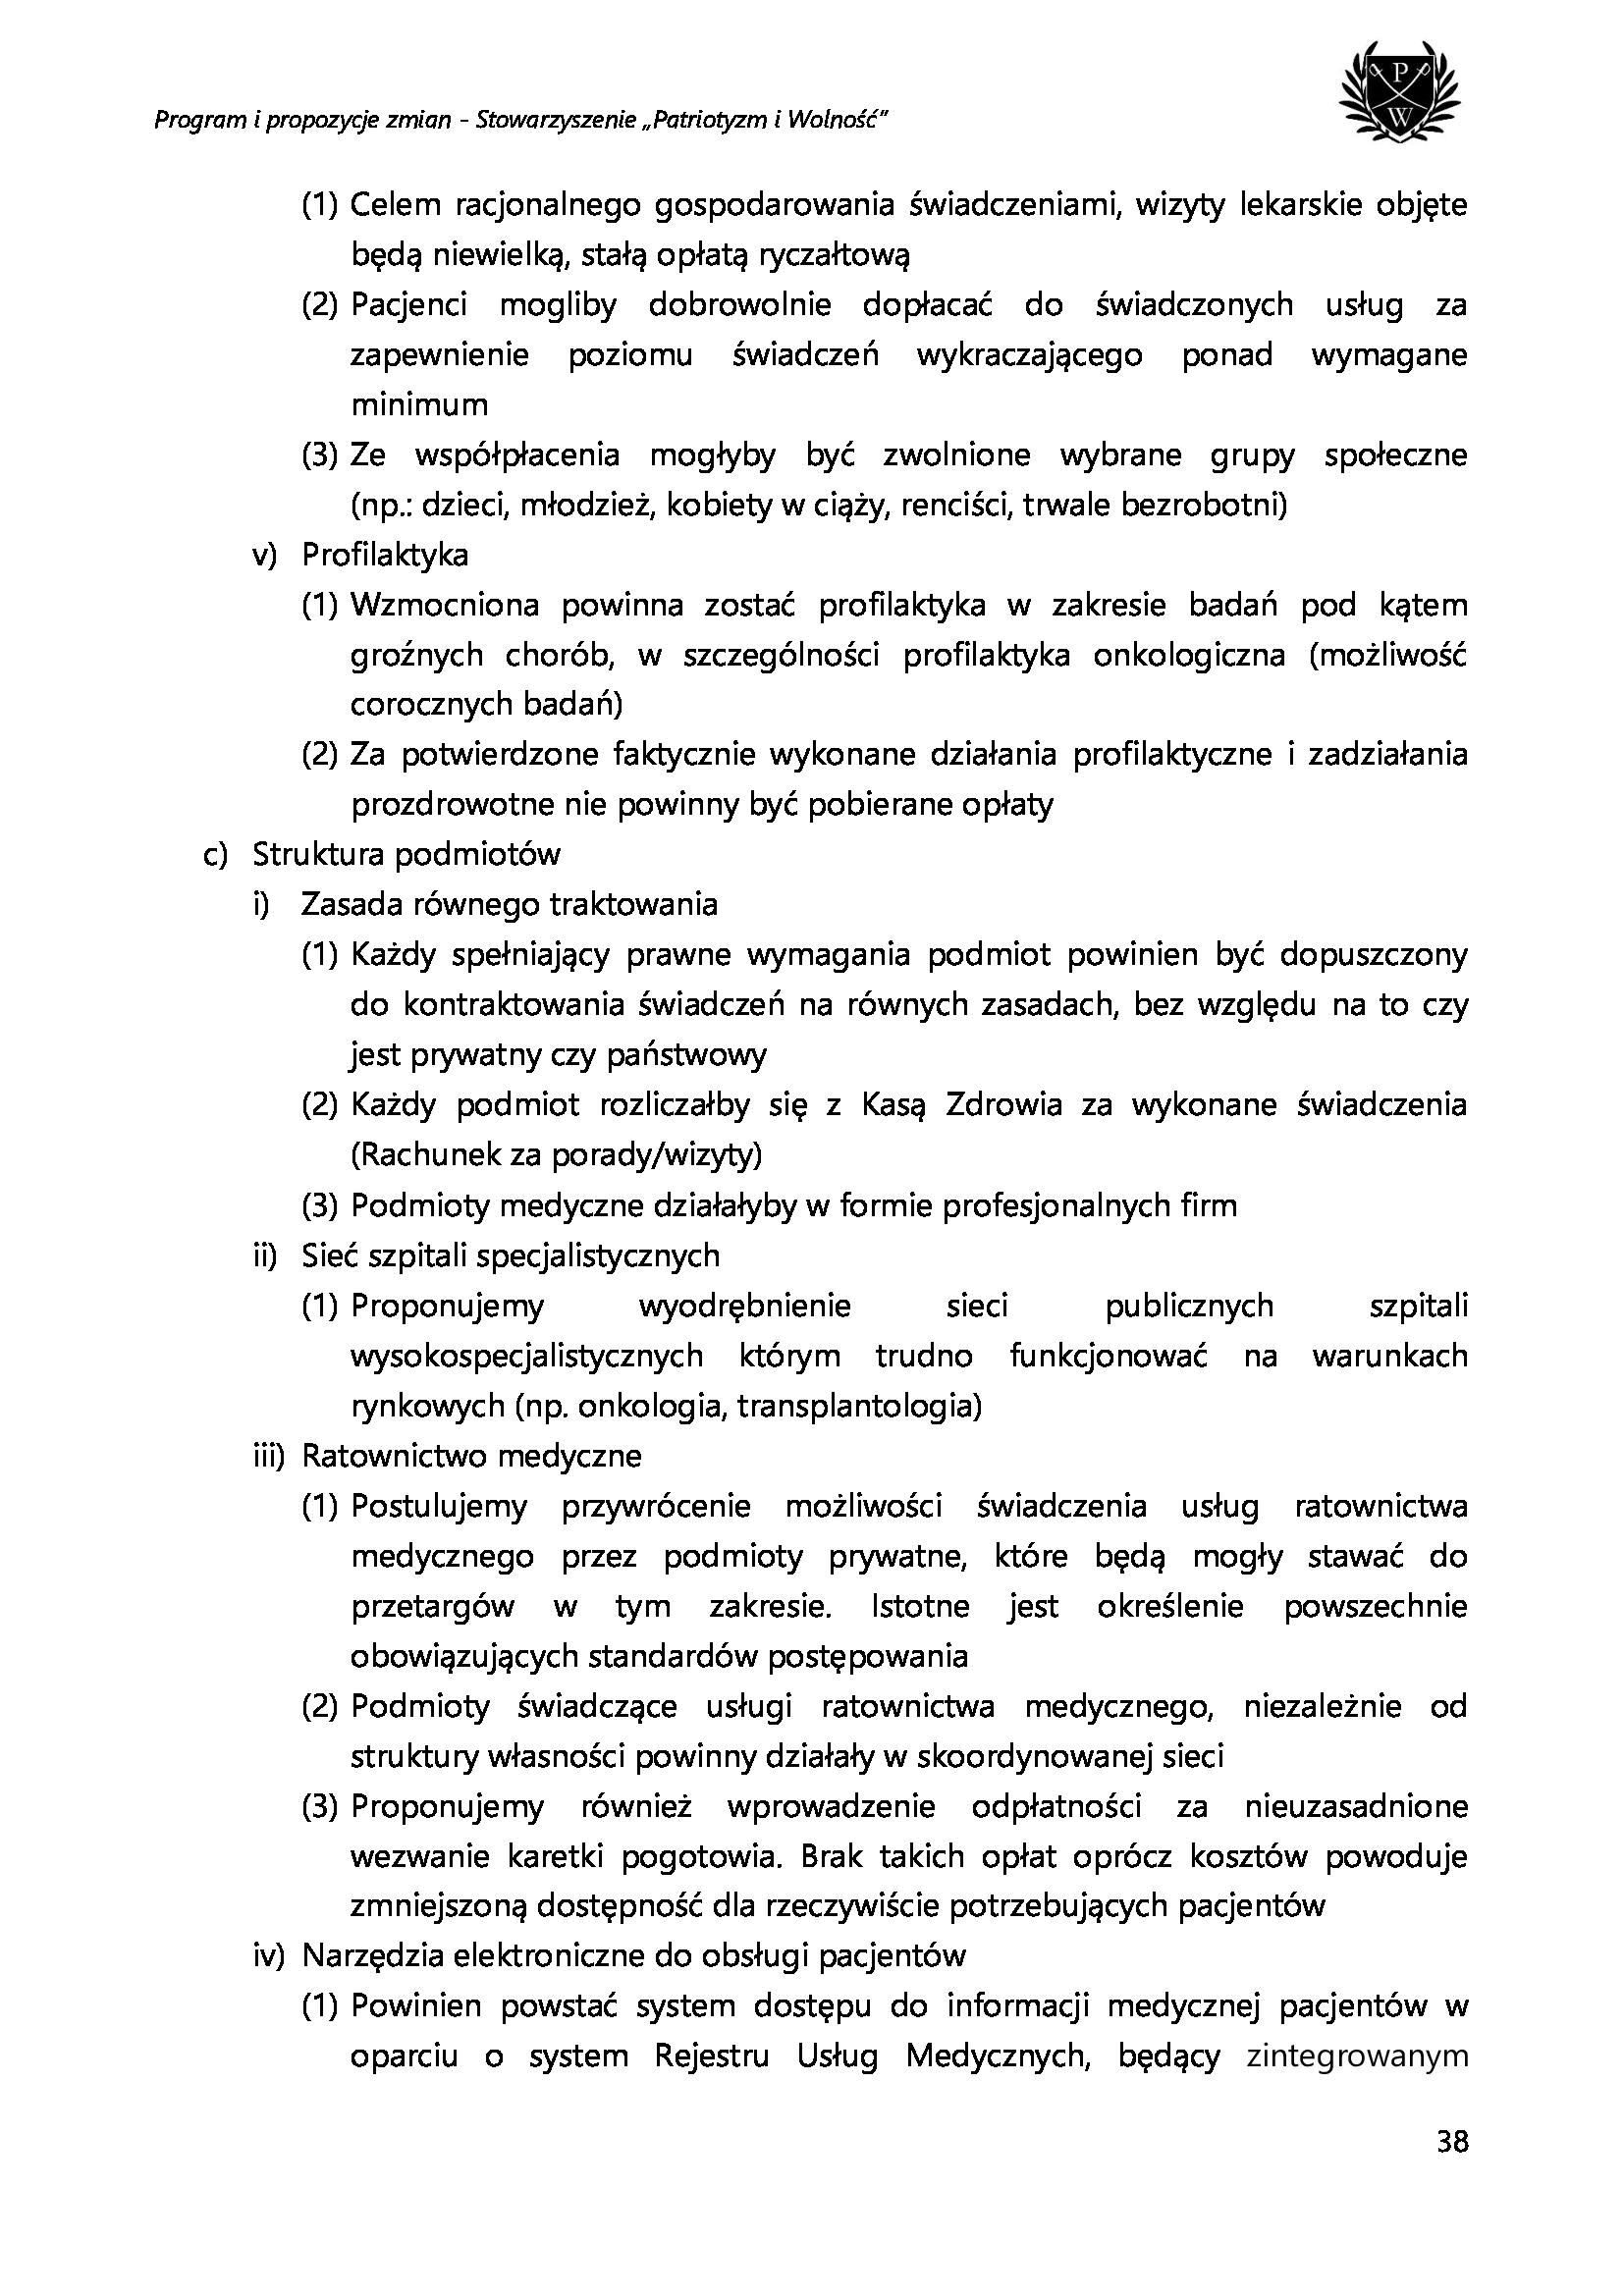 db9e272ef5a9a2e66d26f1905be6c507-38